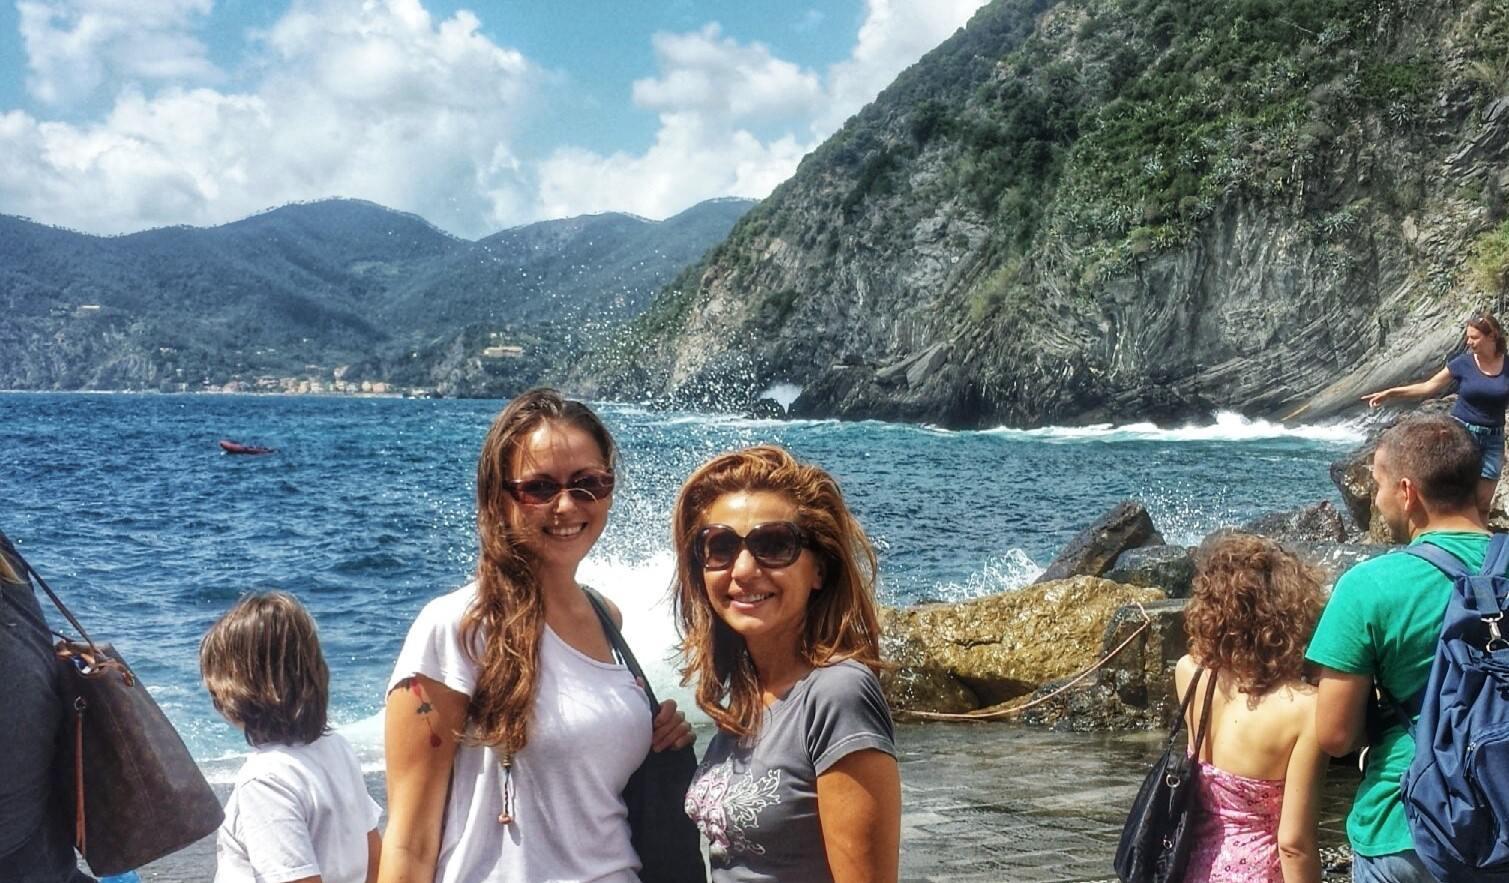 tips for female travelers